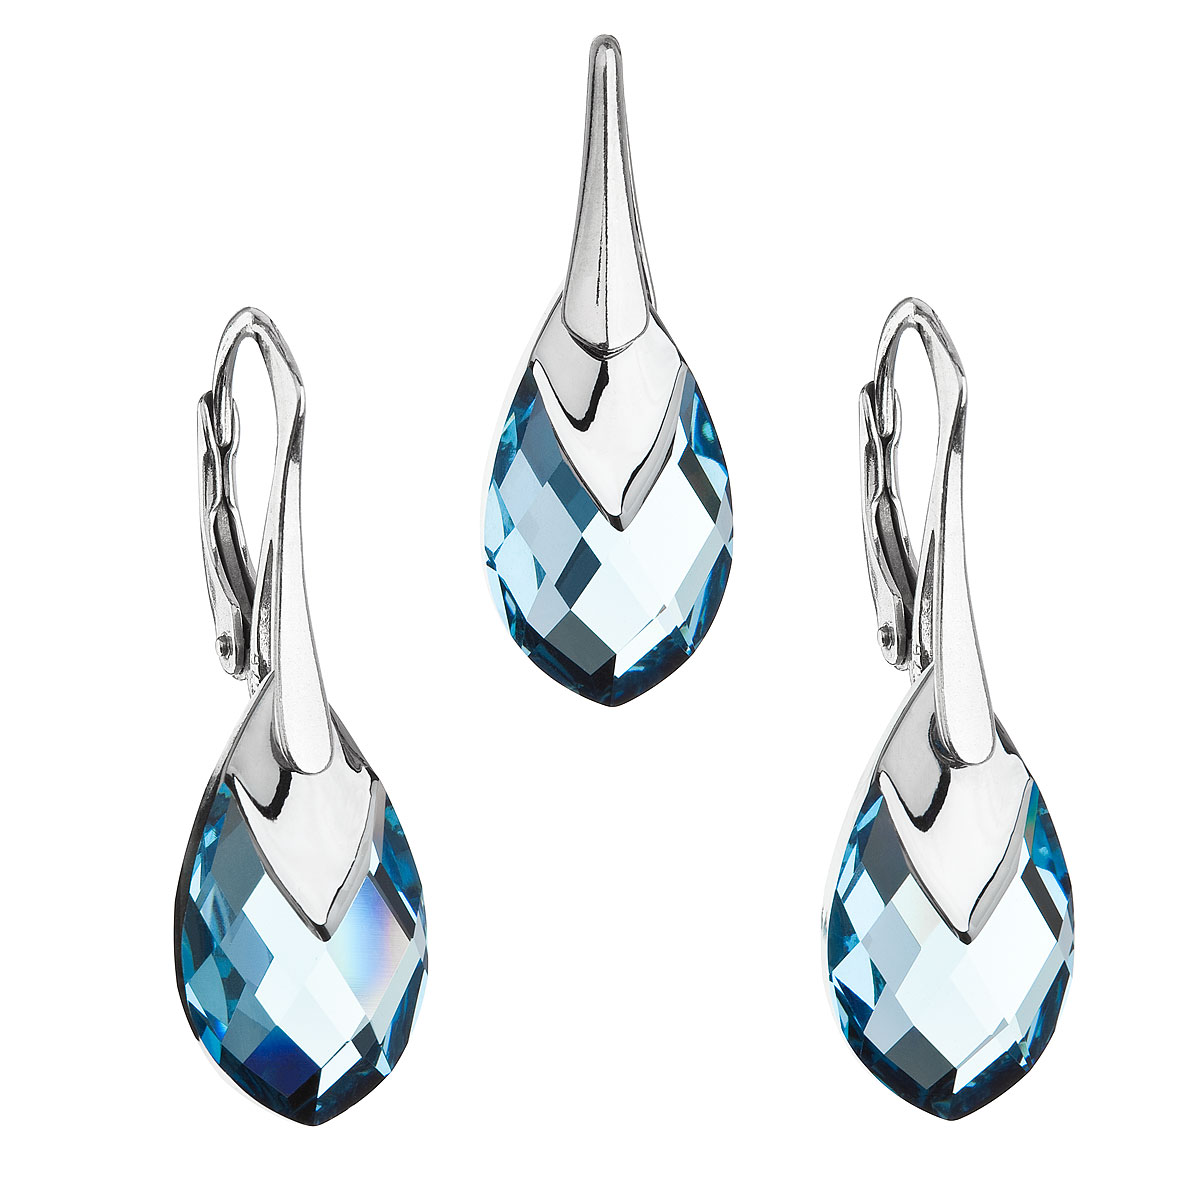 Sada šperkov s krištálmi Swarovski náušnice a prívesok modrá slza 39169.4